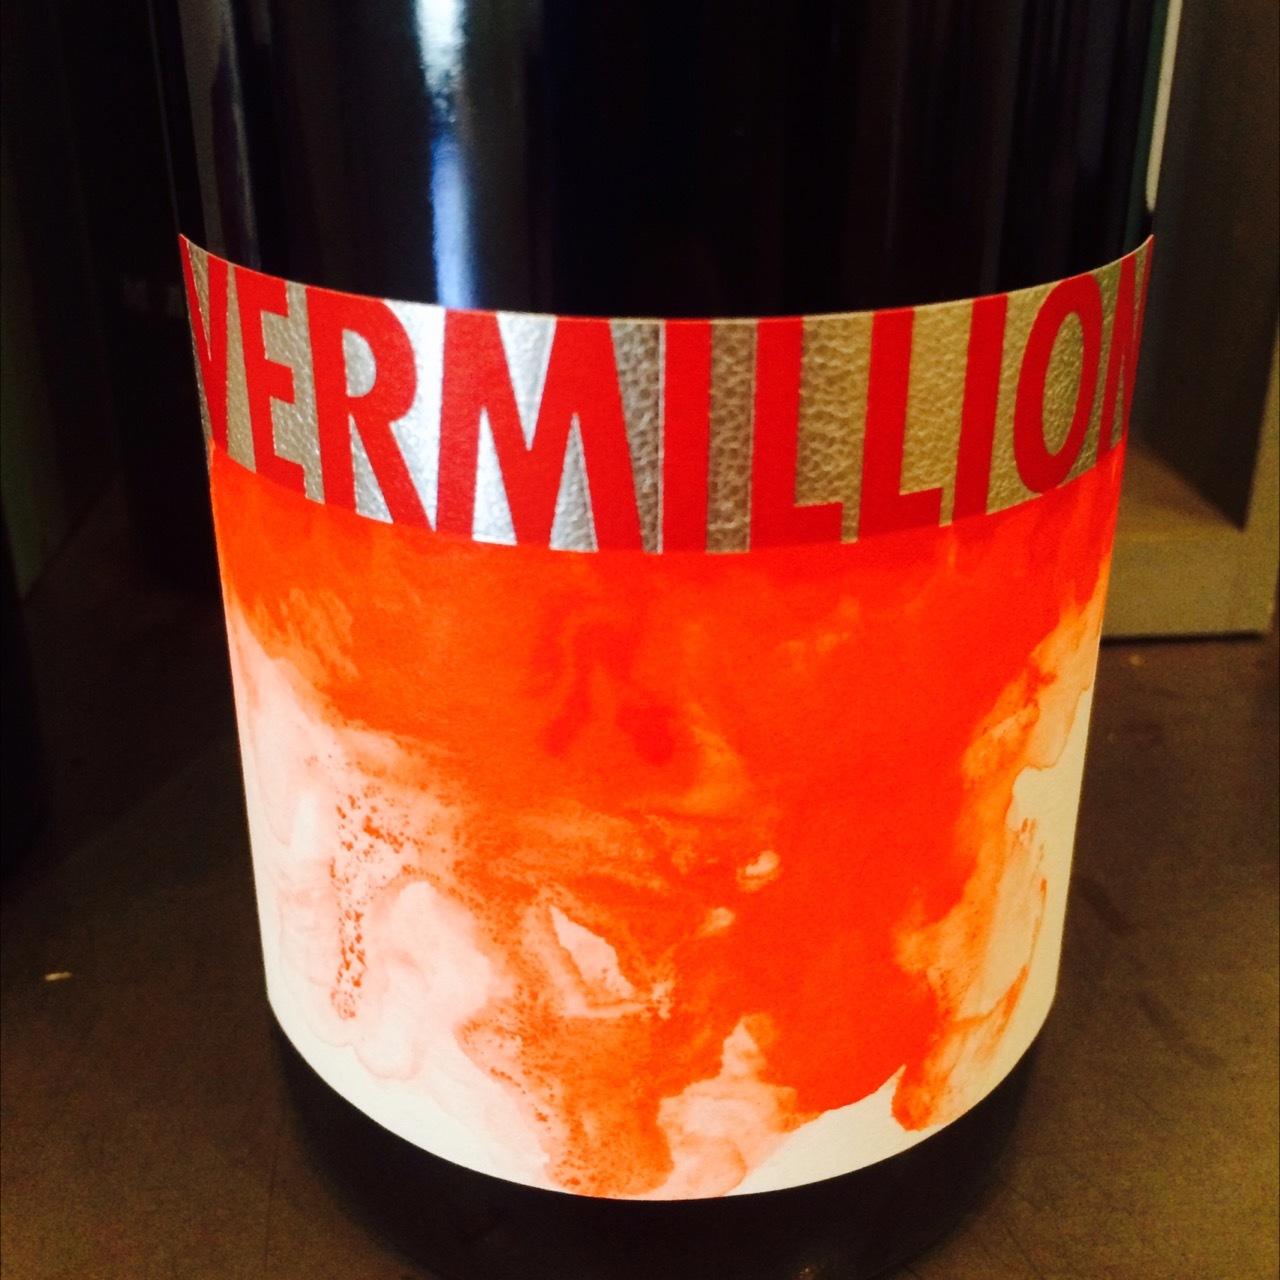 Vermillion Wine (Helen Keplinger) Vermillion California Red Blend 2015